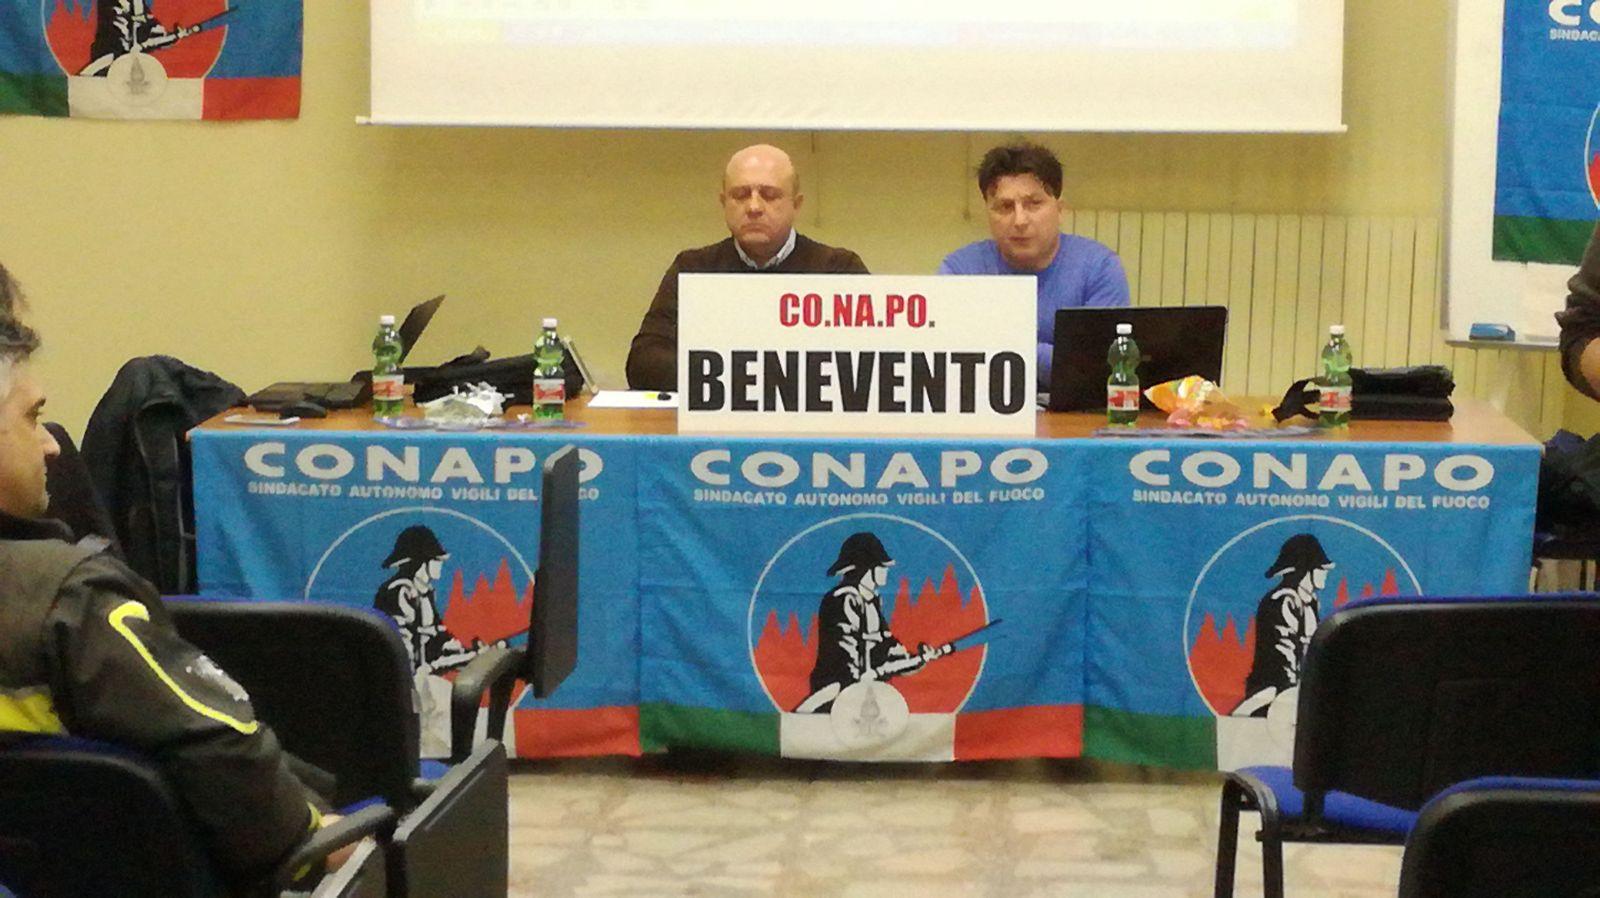 Benevento| Assemblea Conapo, riunione proficua per il personale